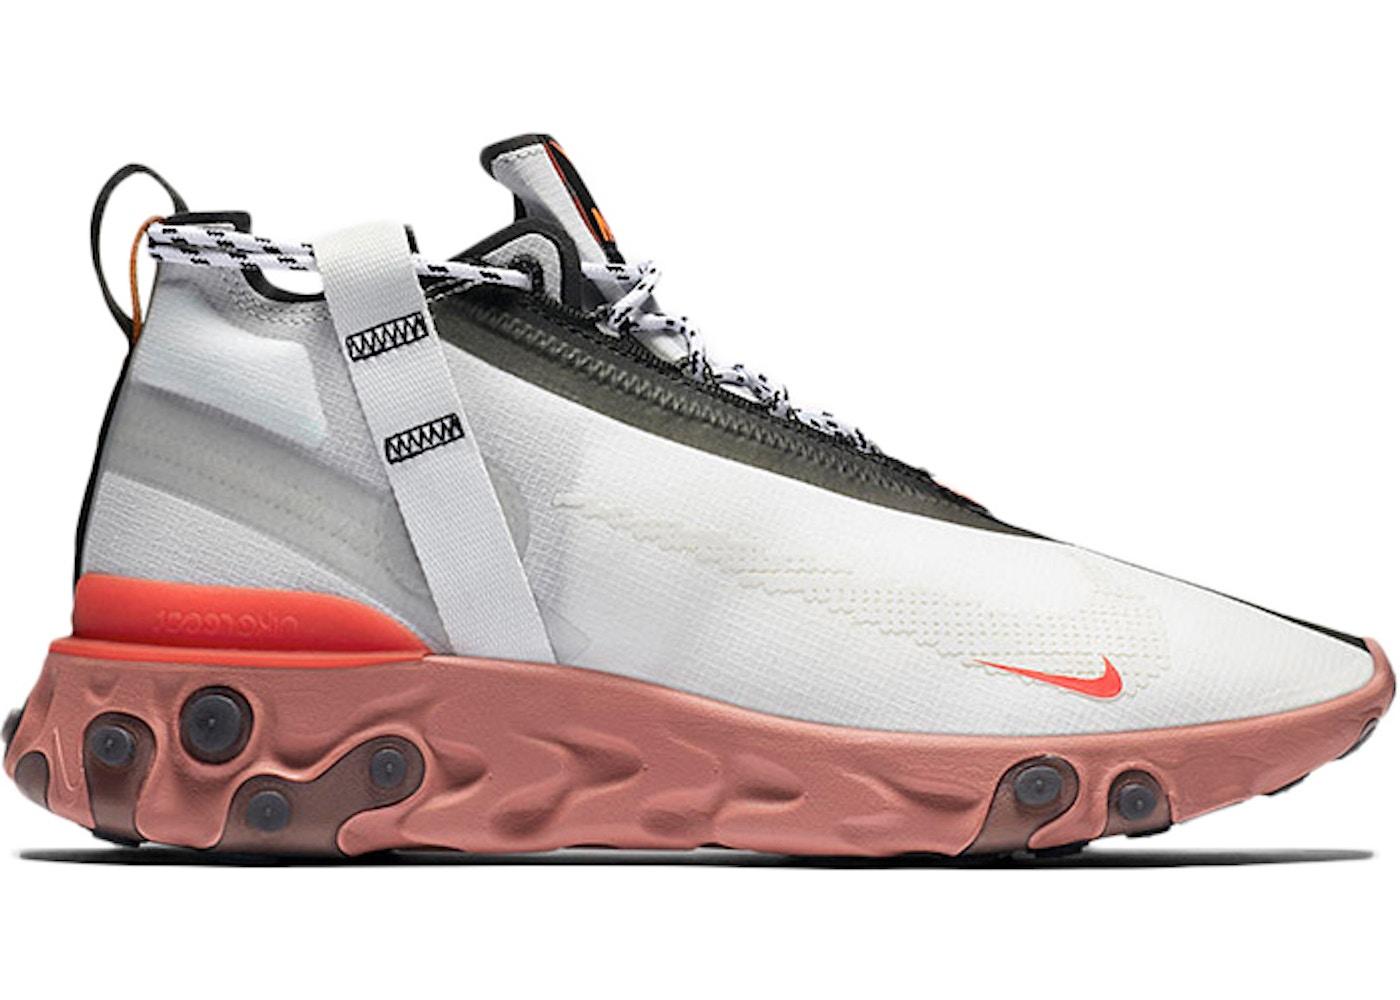 ceda0c46eb6 Nike React Runner Mid WR ISPA White Light Crimson - AT3143-100